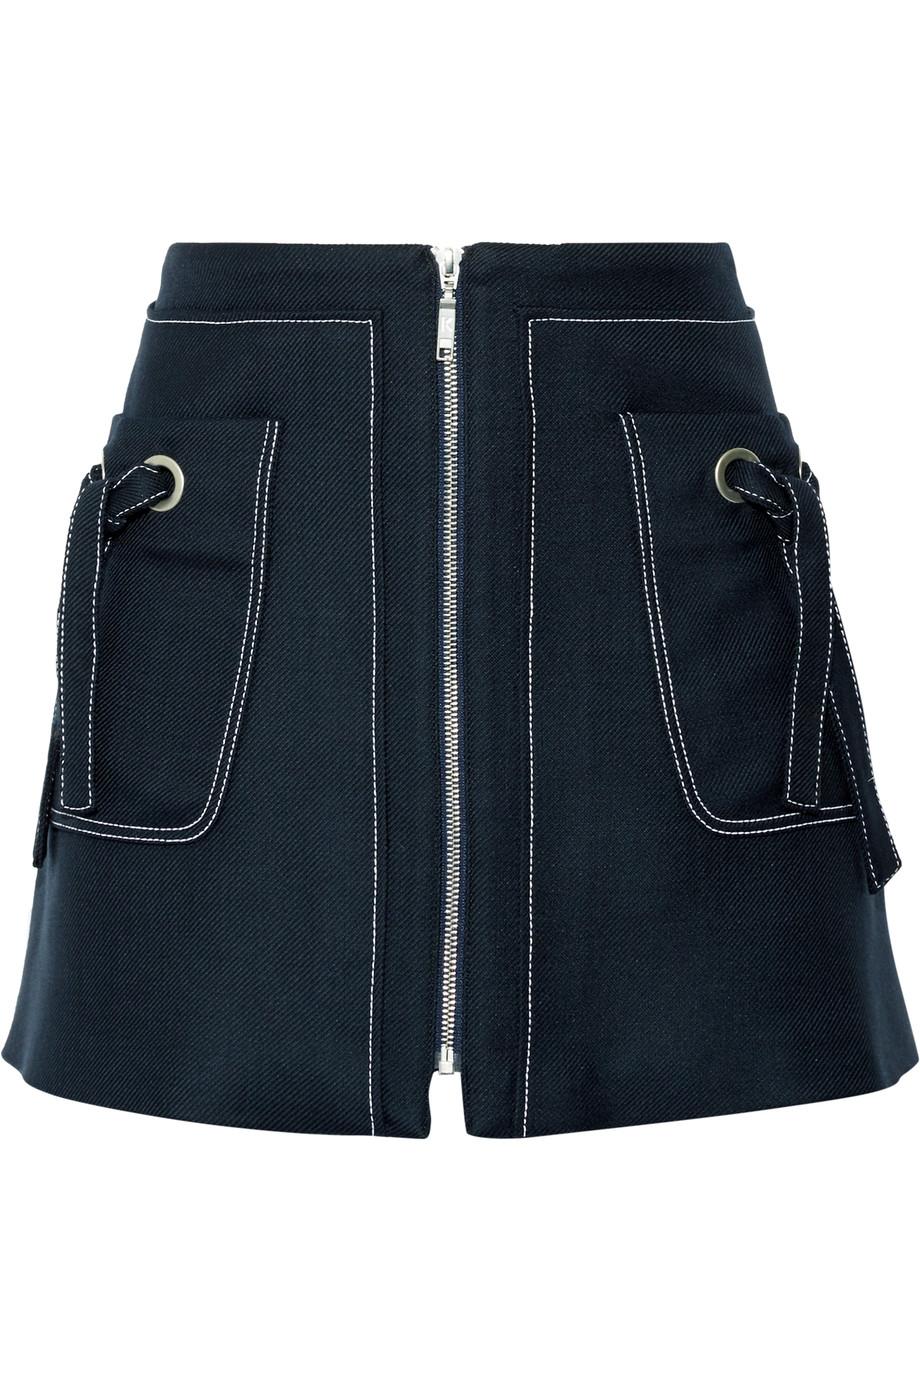 Kenzo skirt .jpg